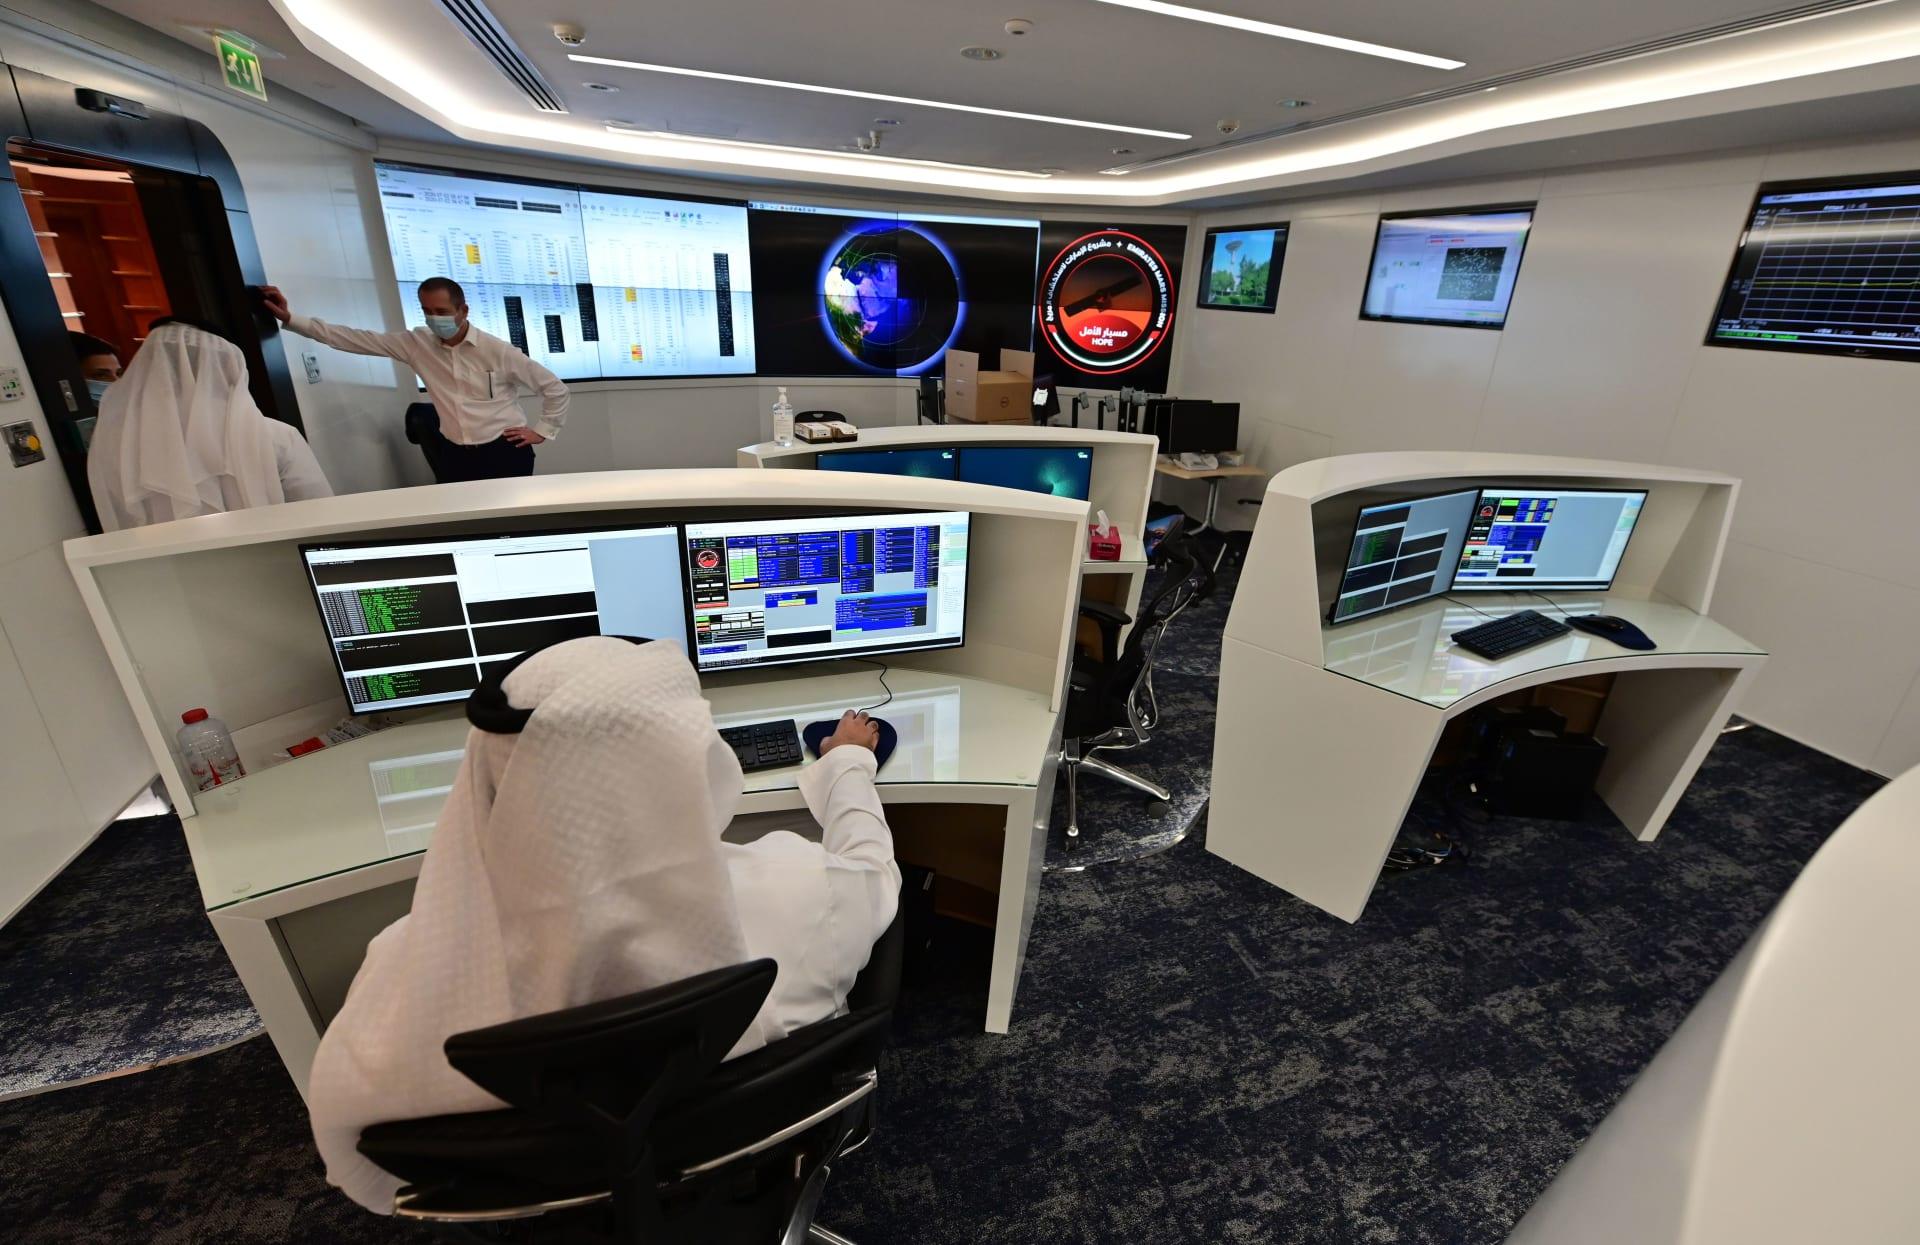 ما هي أبرز المزايا التي تقدمها الشركات في الإمارات لموظفيها؟